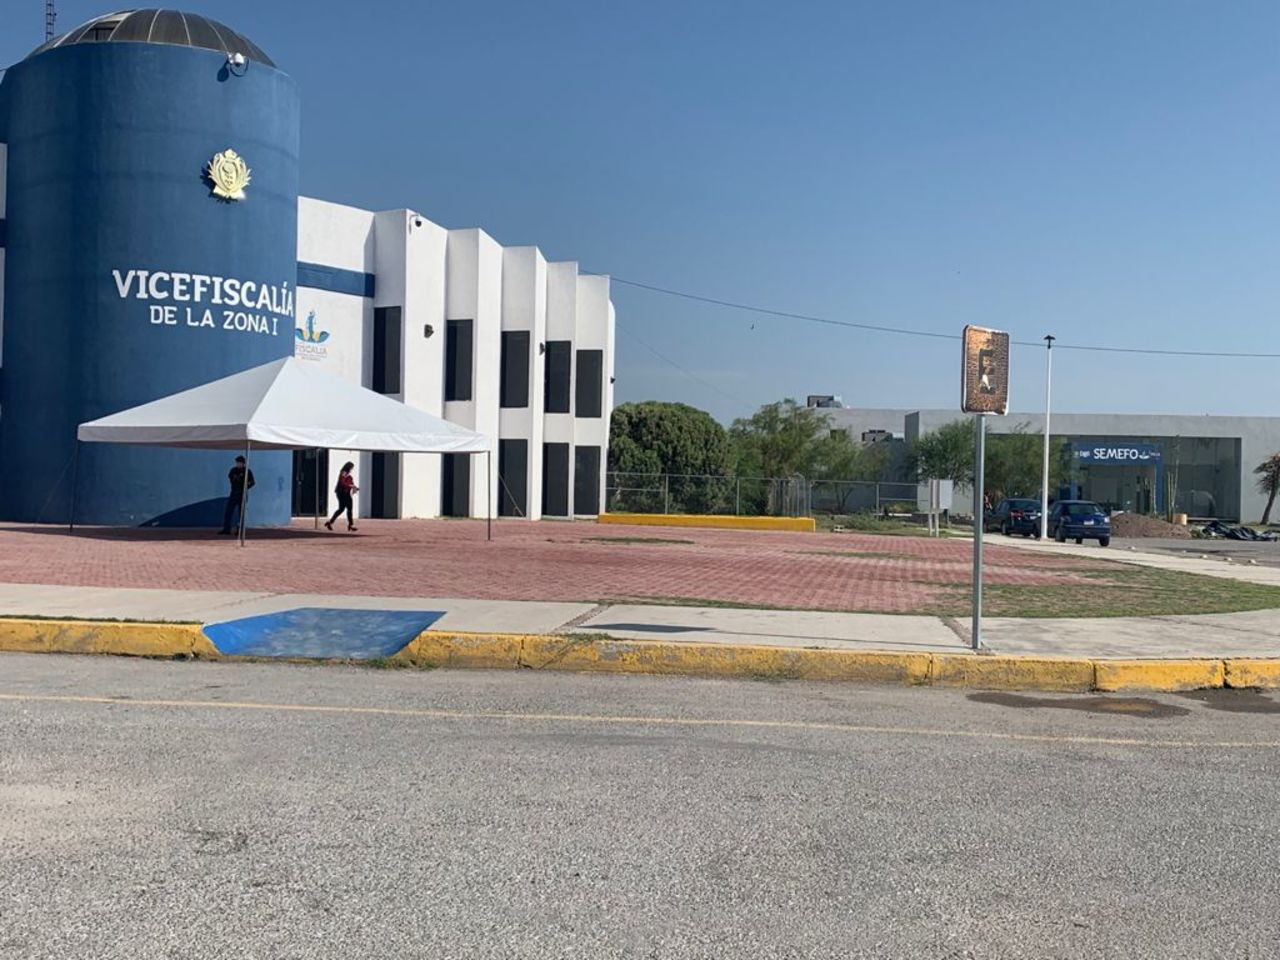 Confirman cuatro feminicidios en Gómez Palacio